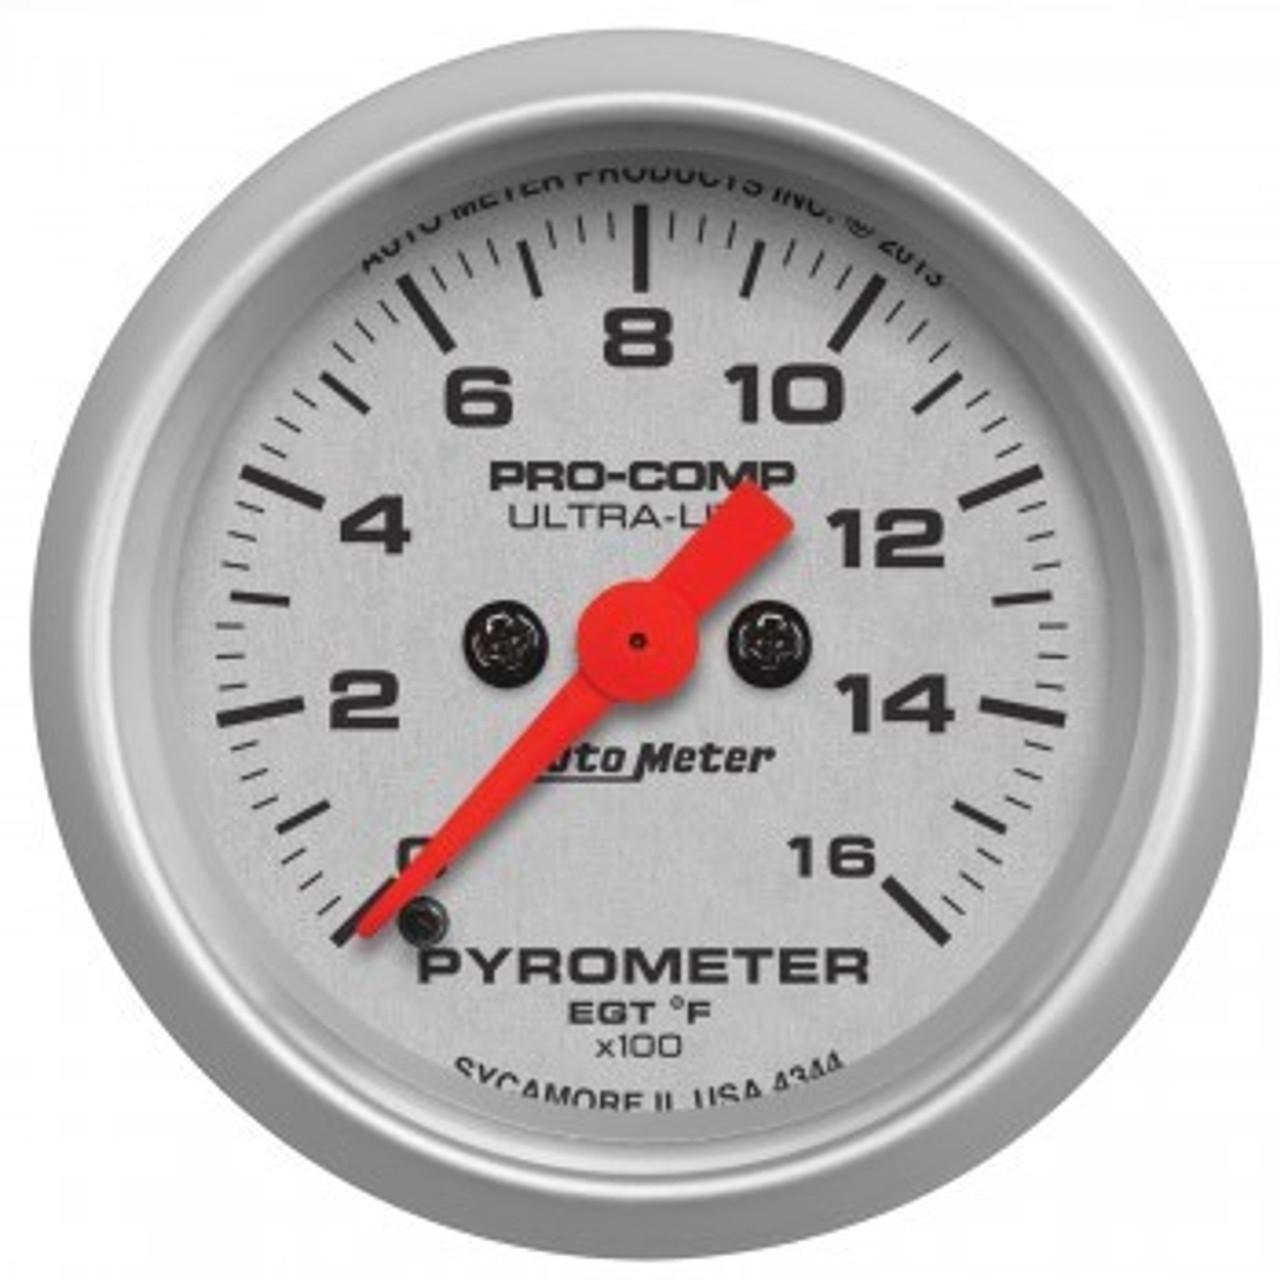 Pyrometer Gauges